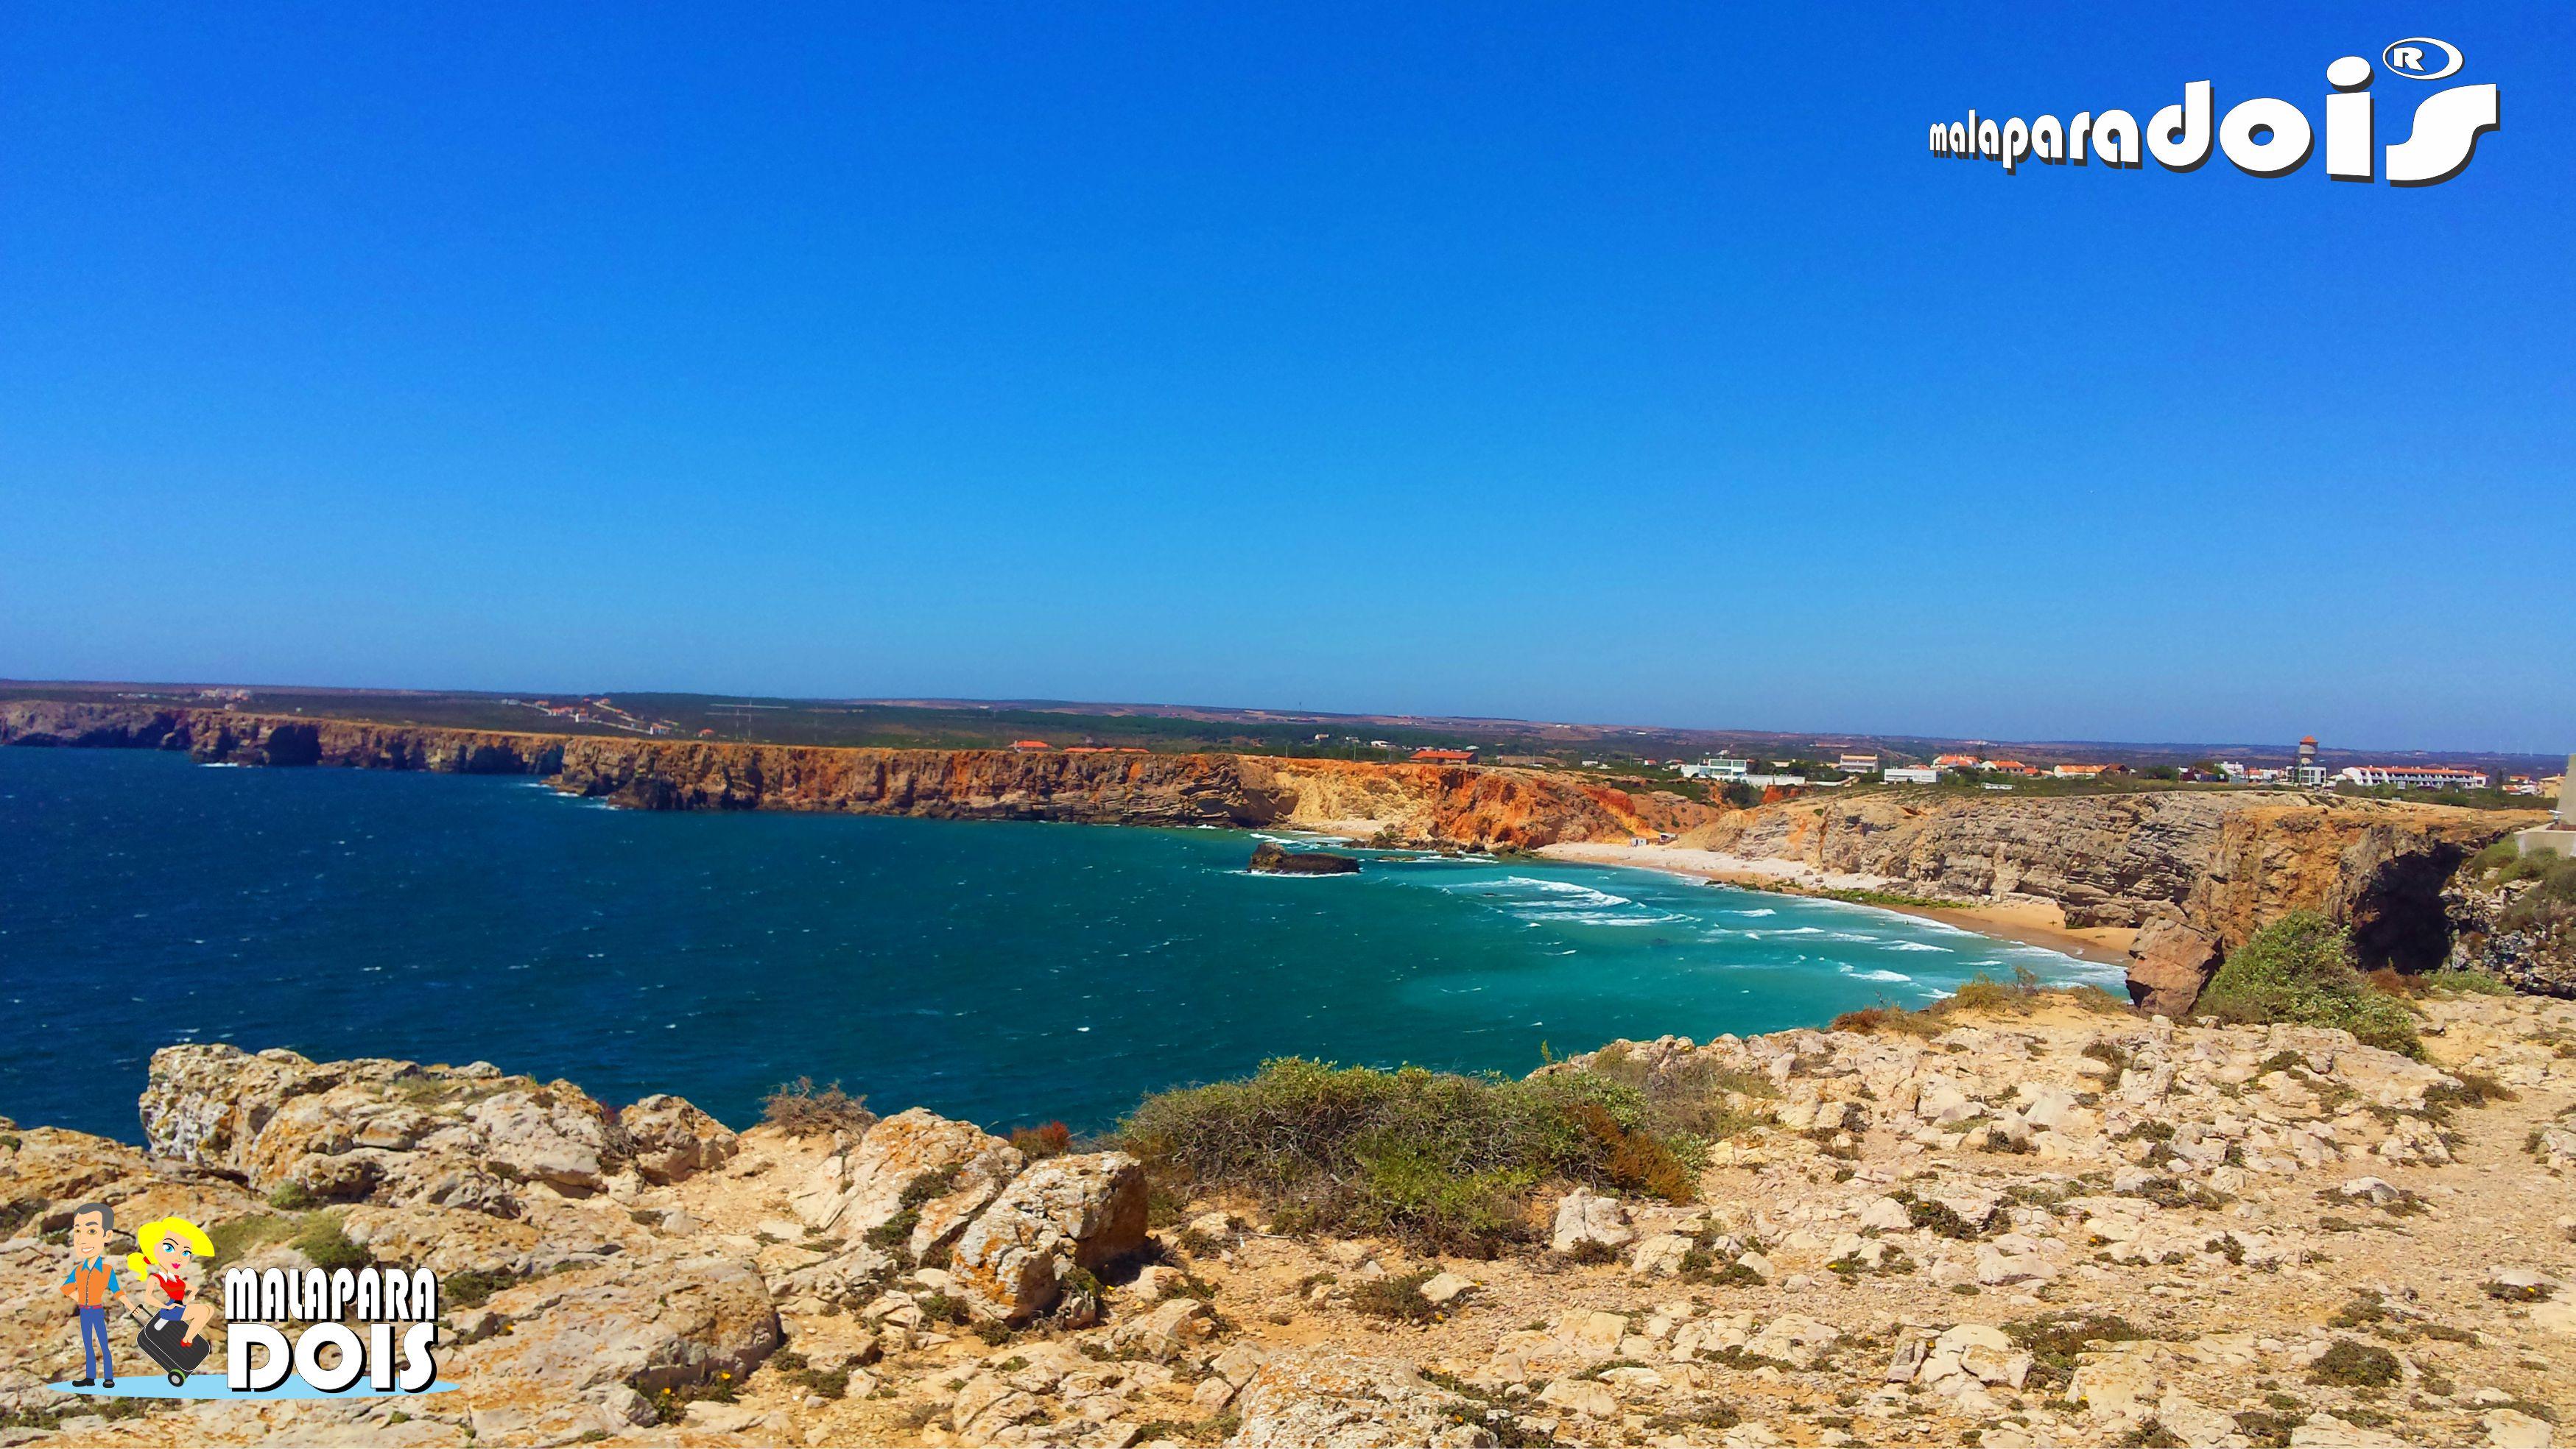 Fortaleza de Sagres - Praia do Tonel